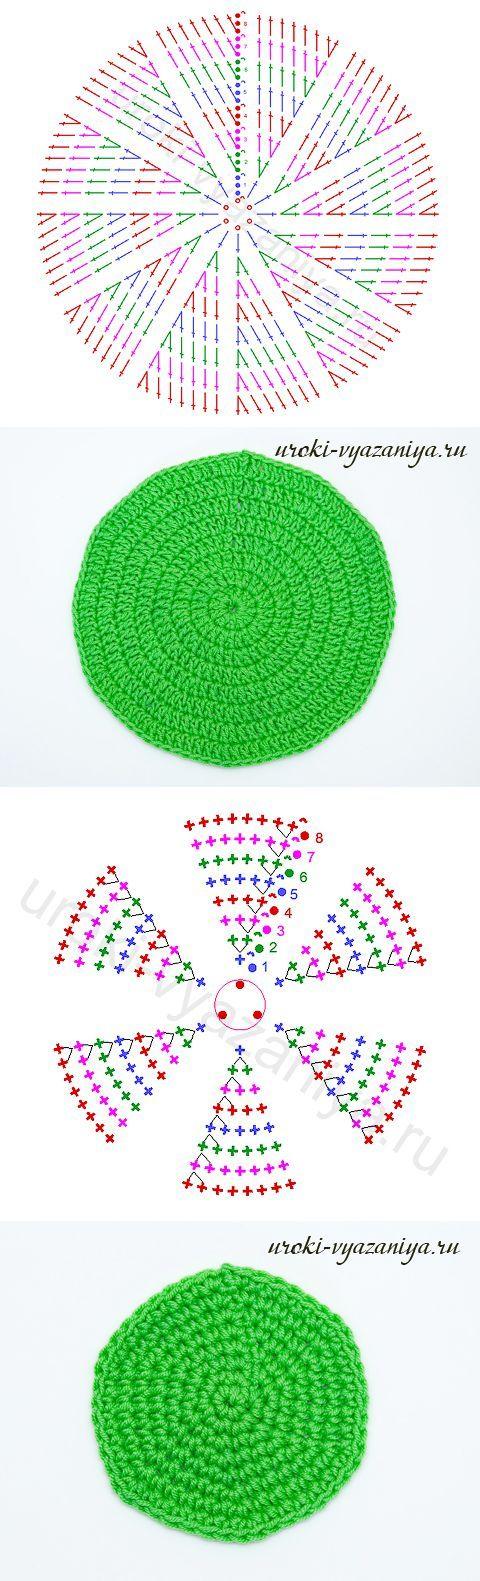 Круговое вязание, правило круга, схемы и техника вязания круга | Вязание крючком